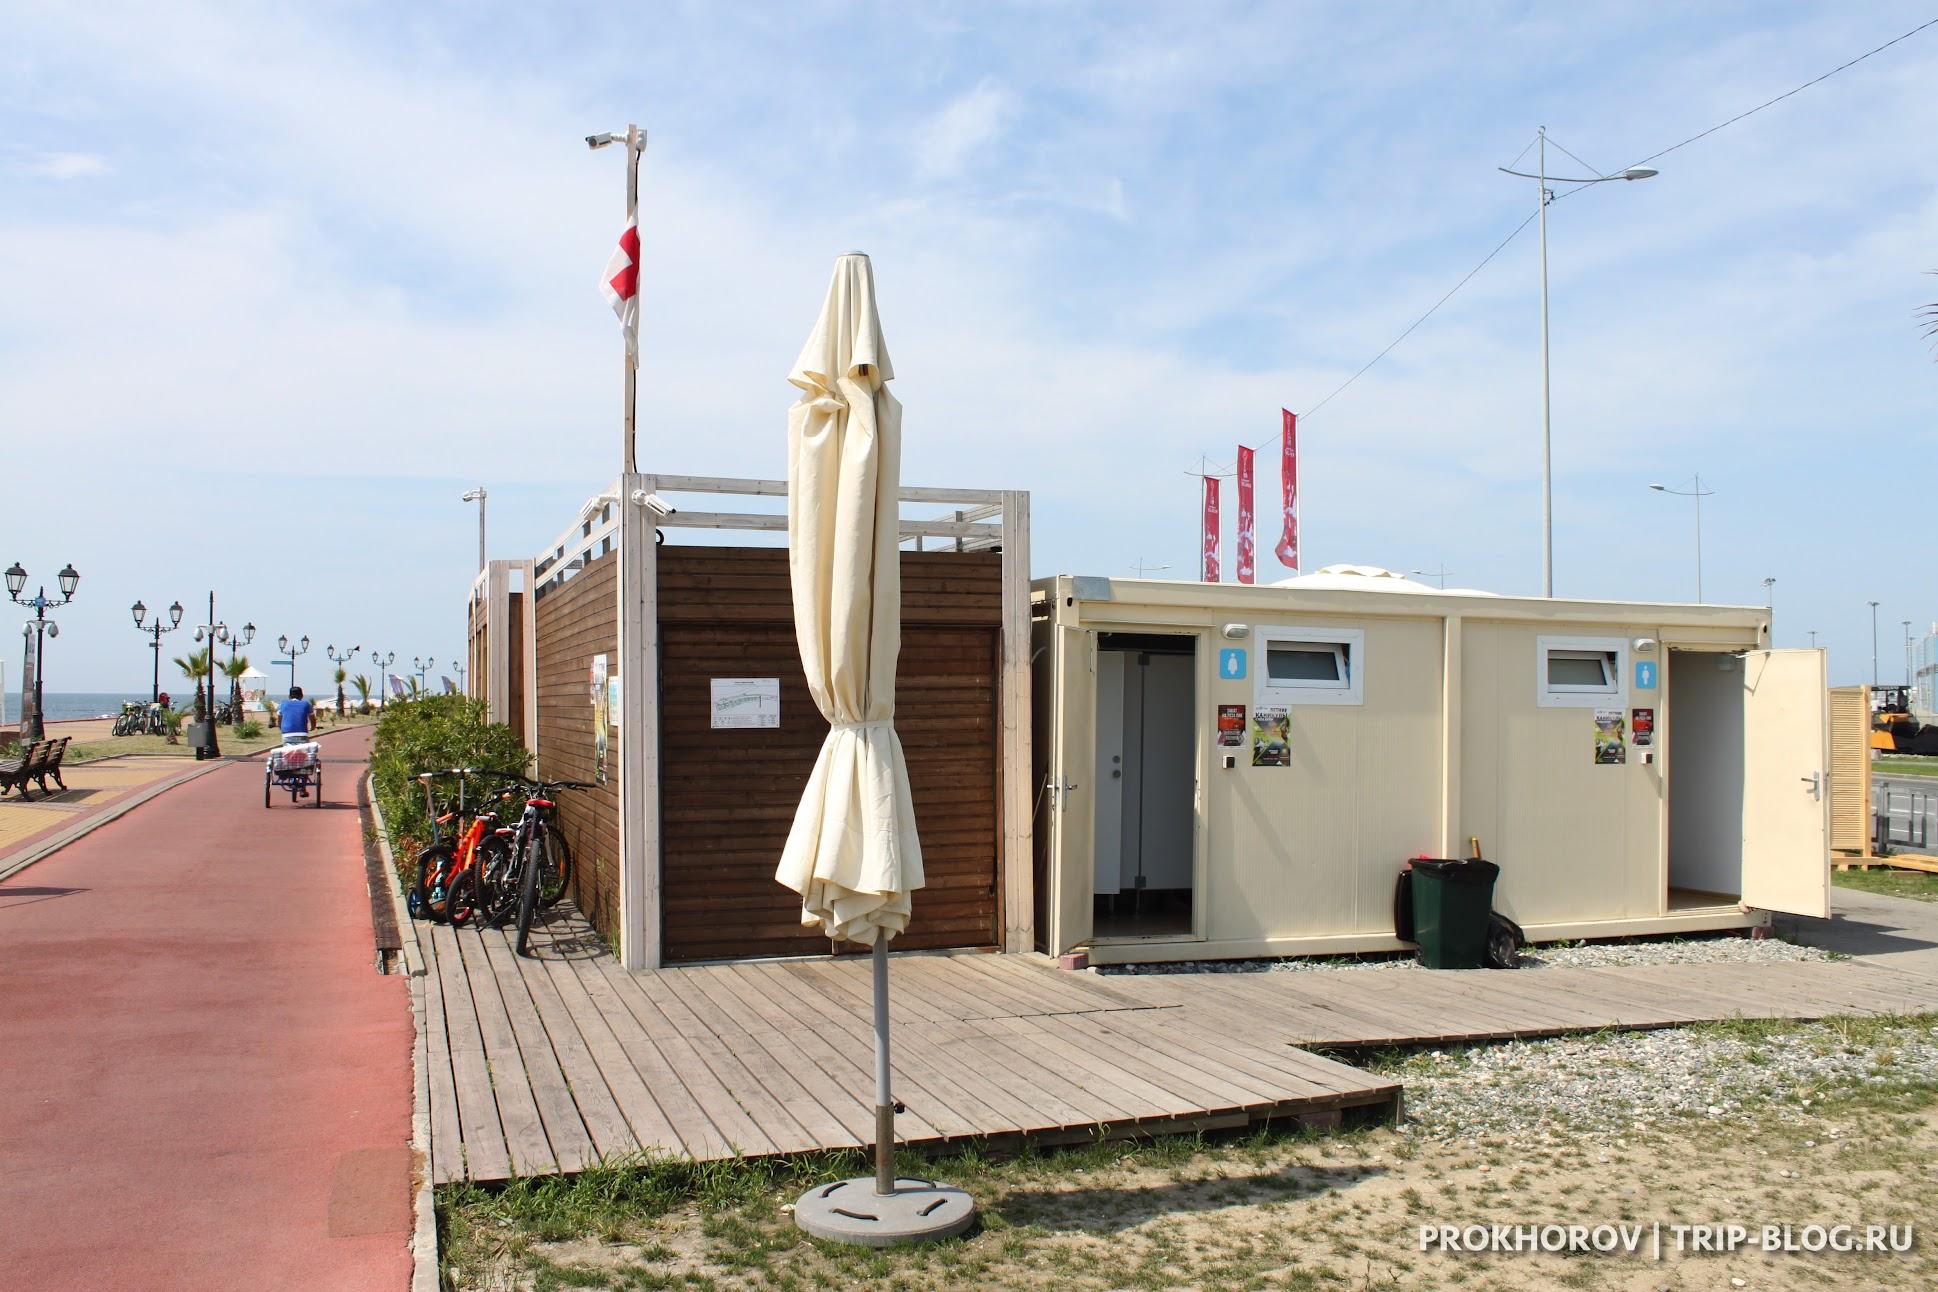 Бесплатные туалеты в Роза Хутор